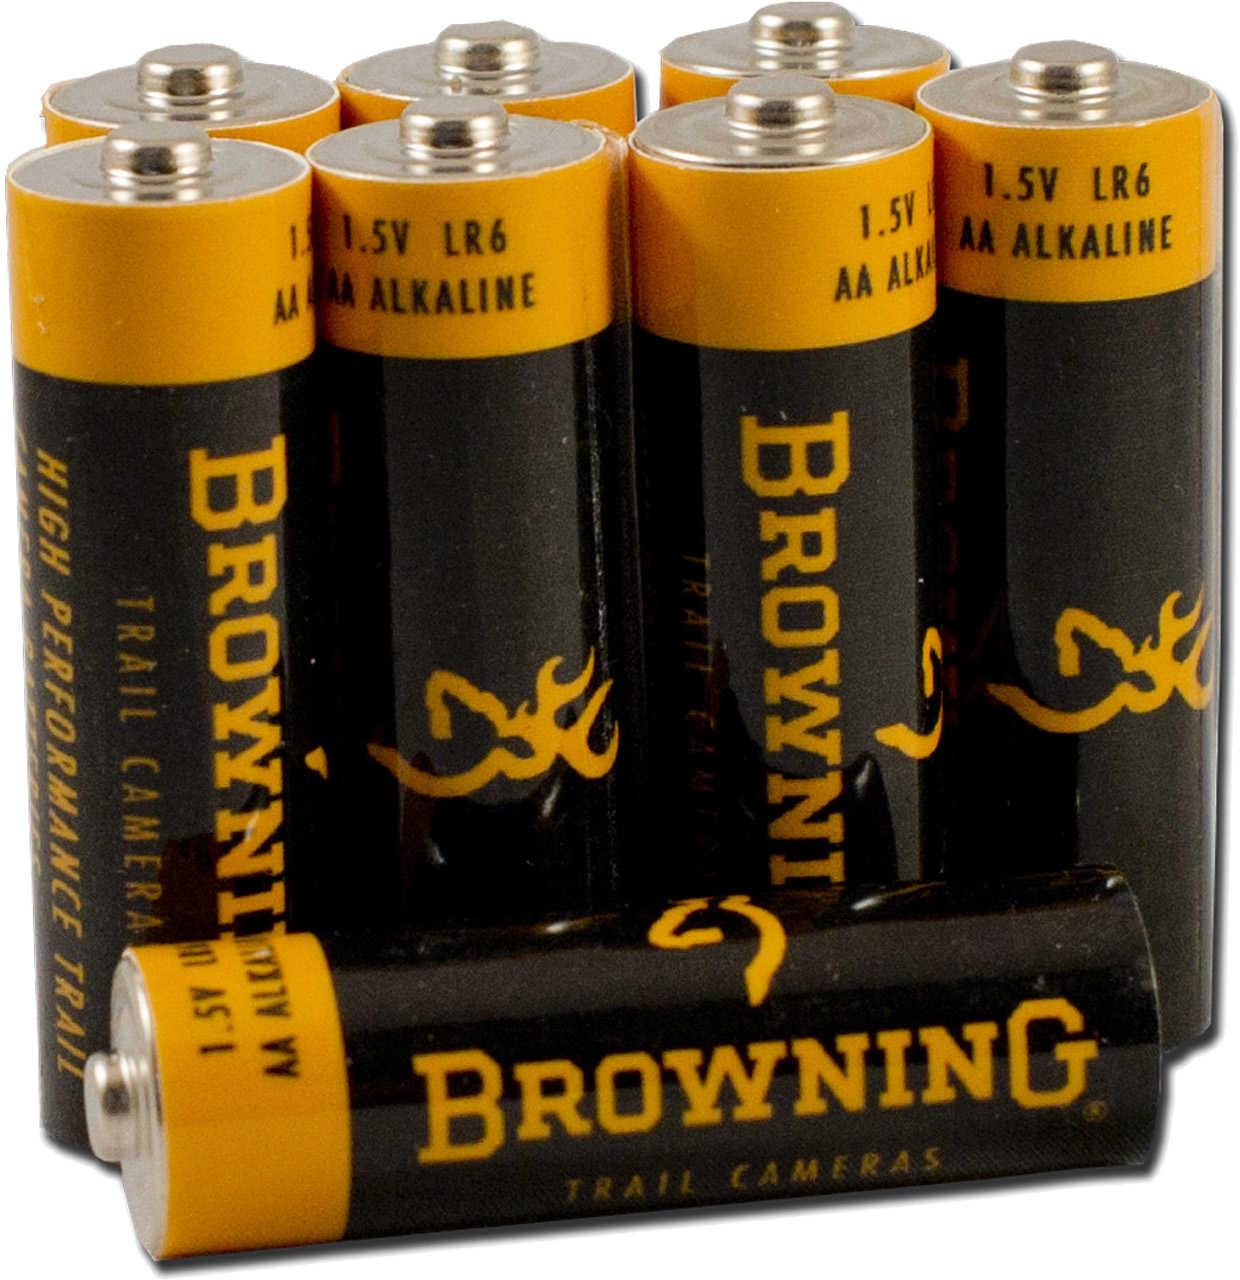 Browning Trail Cameras Browning Trail Camera AA Alkaline Battery Md: BTC 8AA